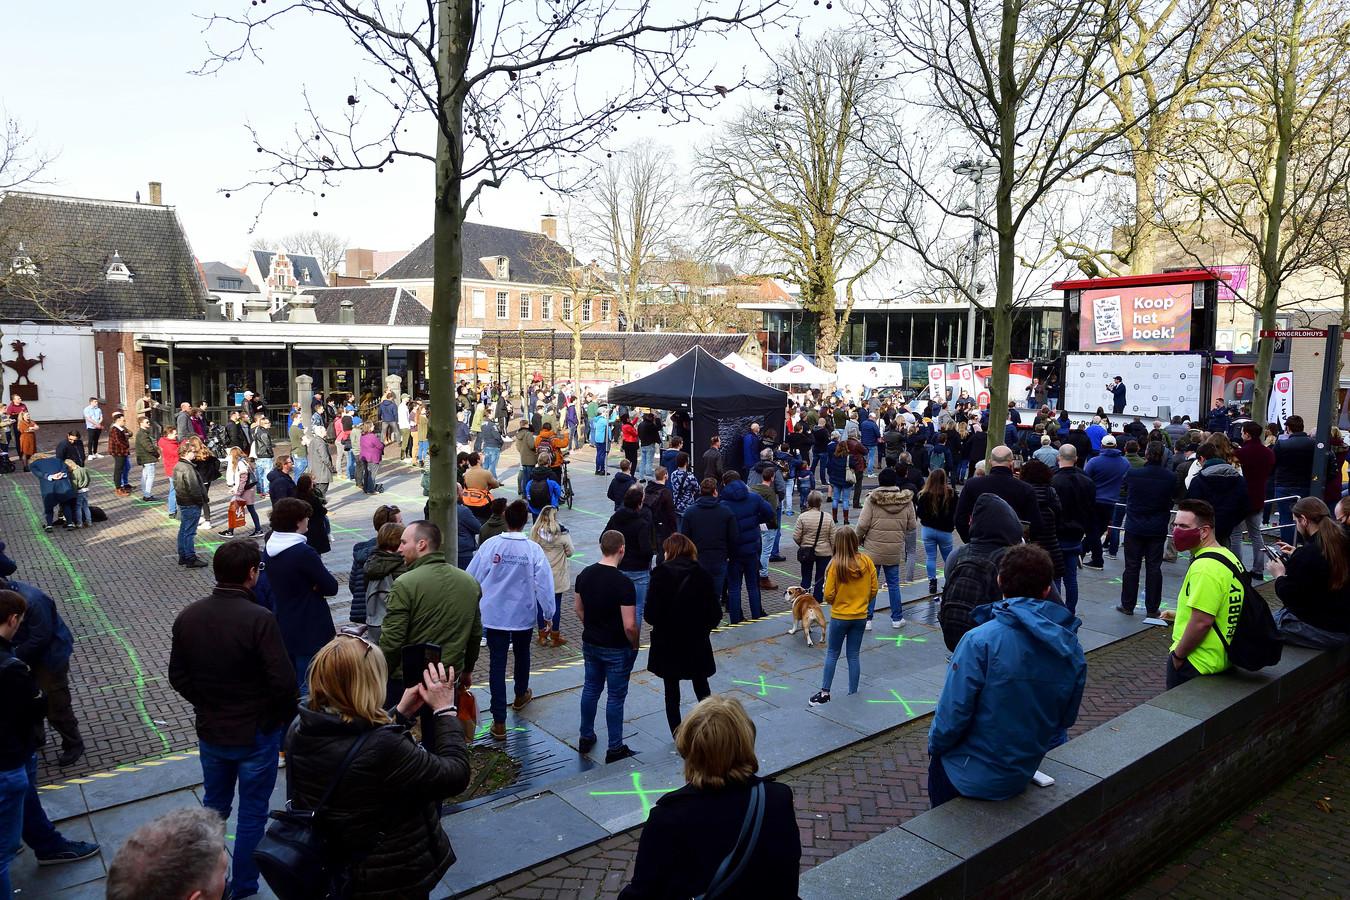 Honderden mensen bij de manifestatie van Forum voor Democratie in Roosendaal.